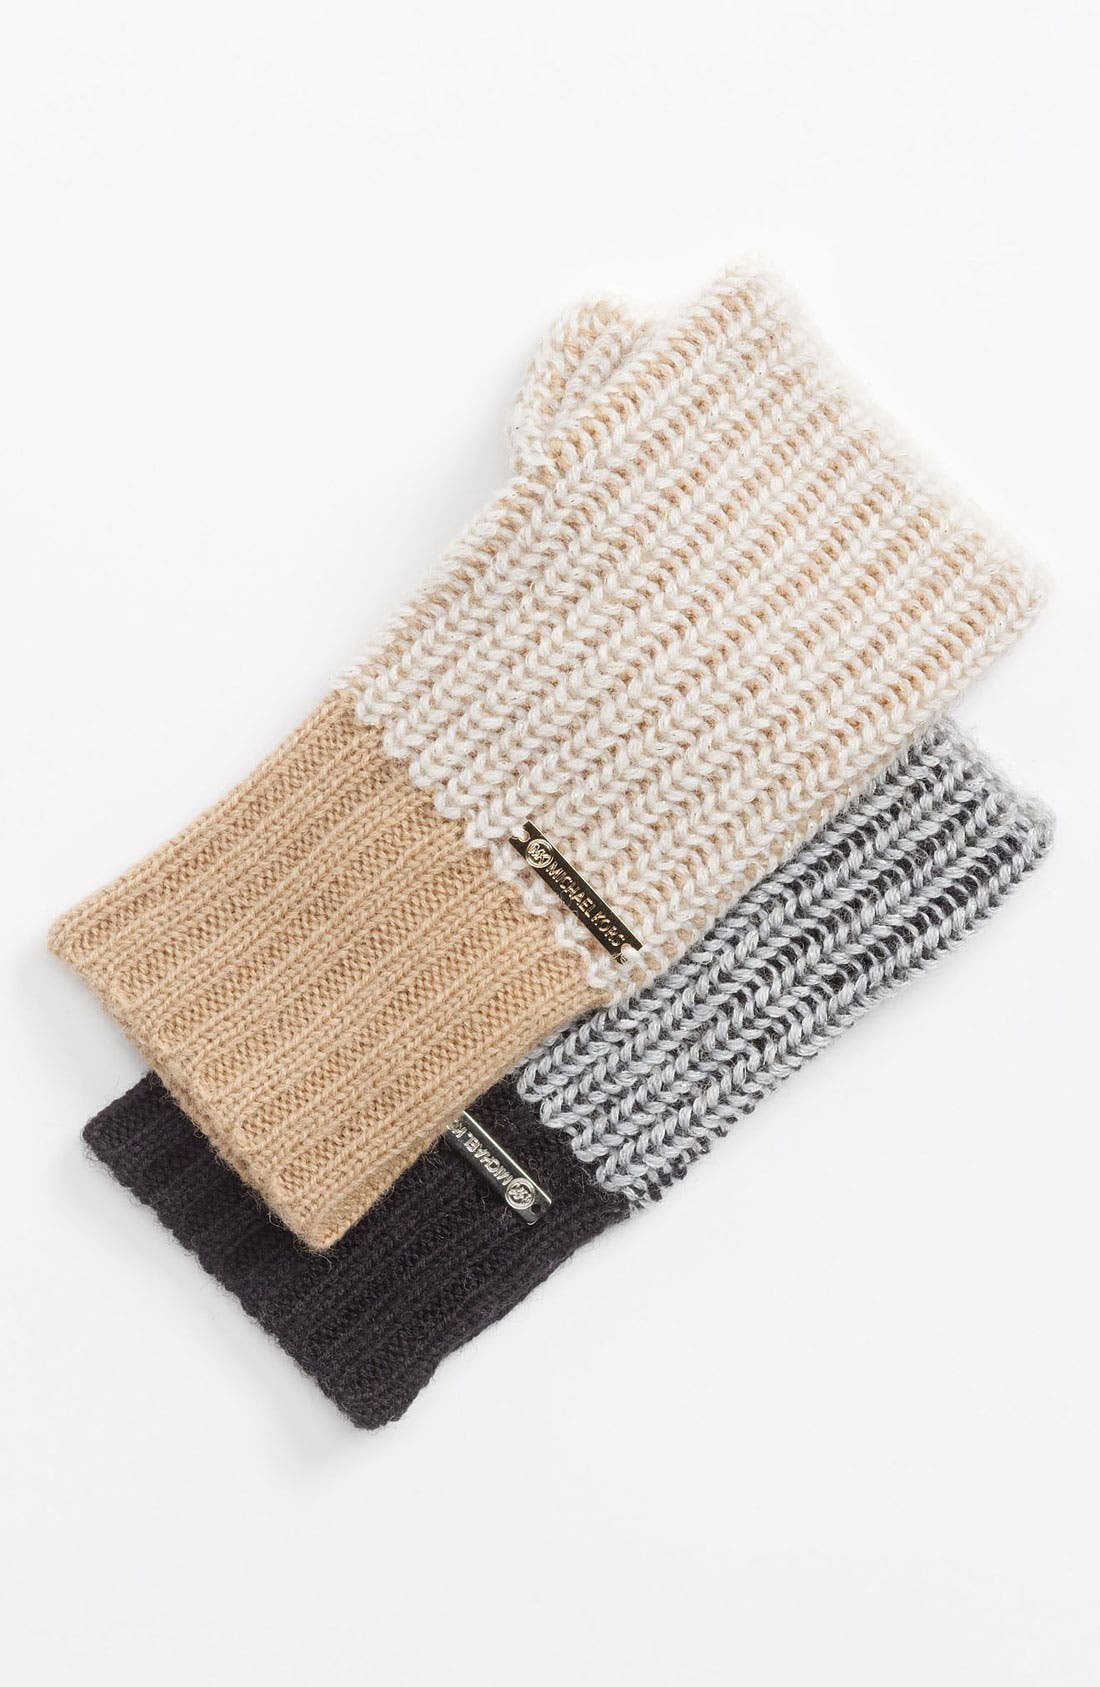 Alternate Image 1 Selected - MICHAEL Michael Kors Fingerless Gloves